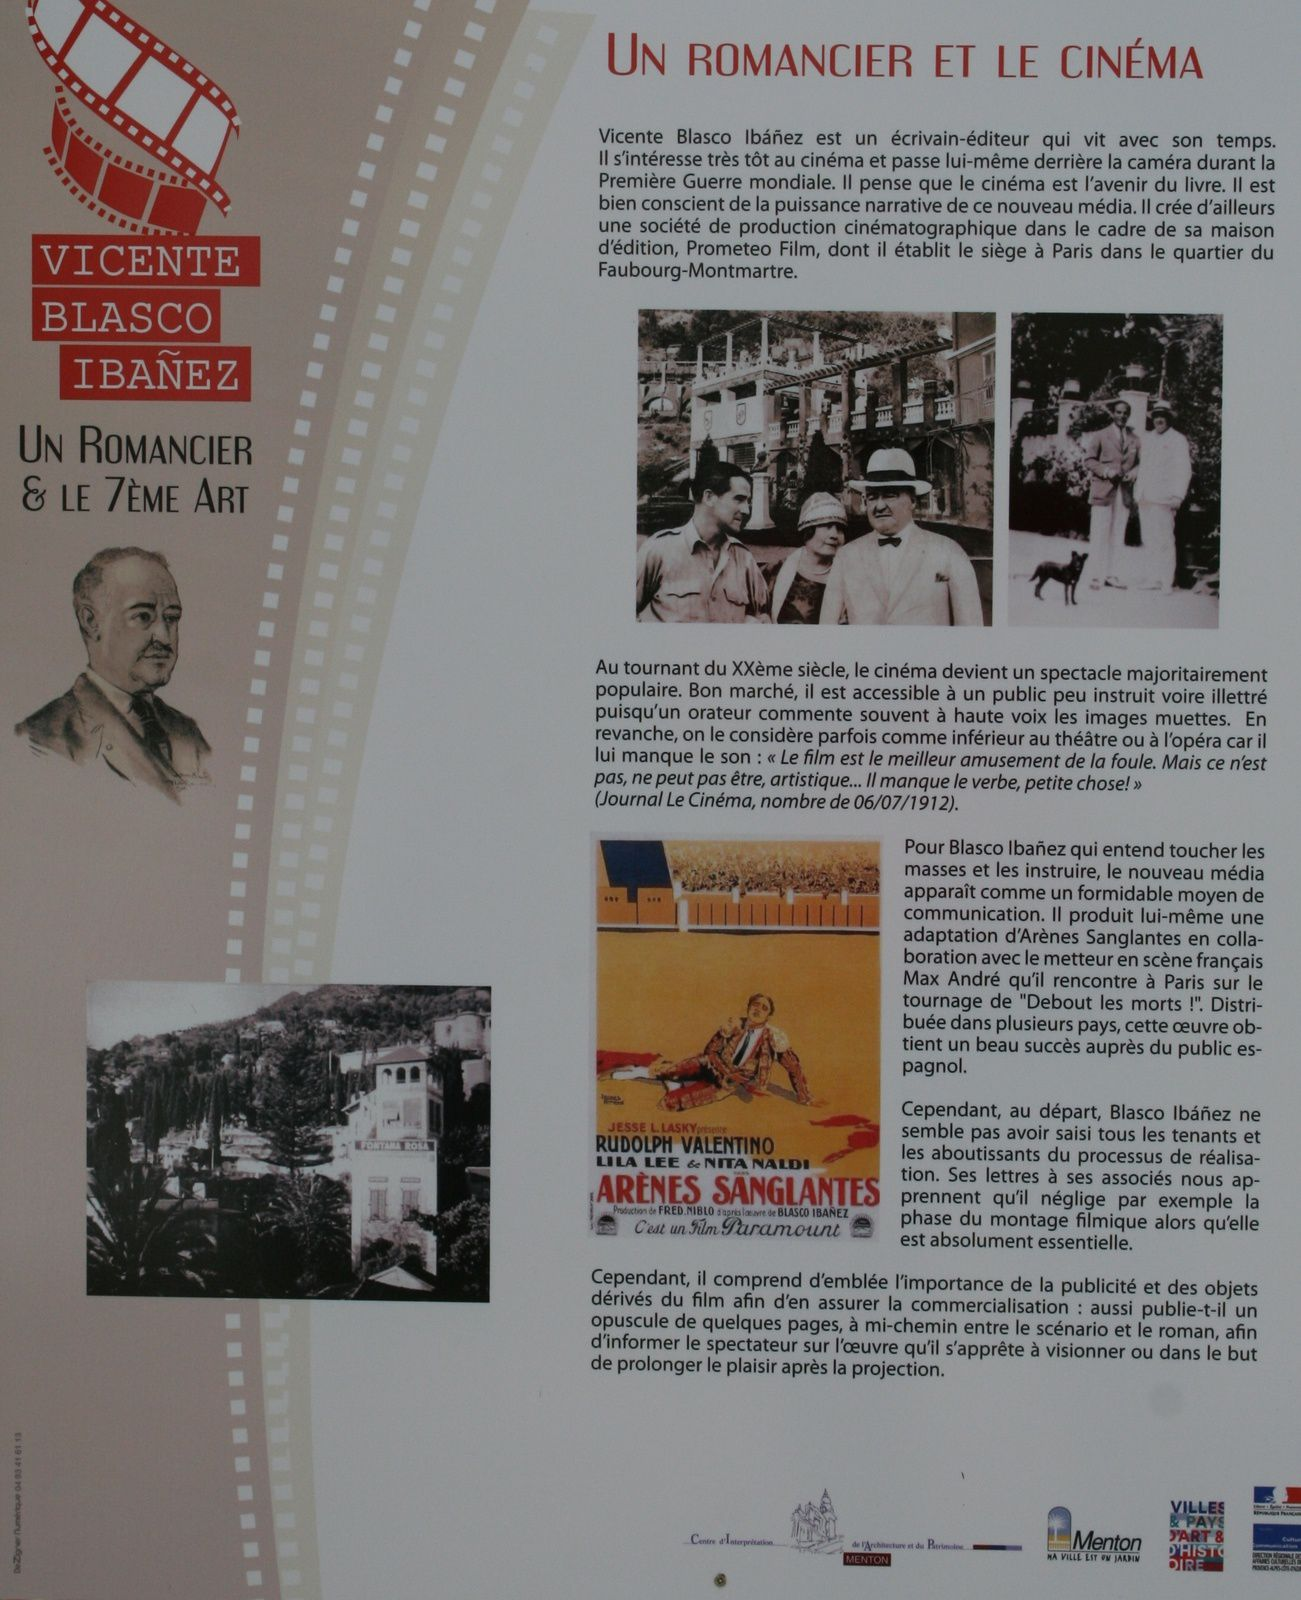 Vicente Blasco Ibañez et le cinéma à Fontana Rosa